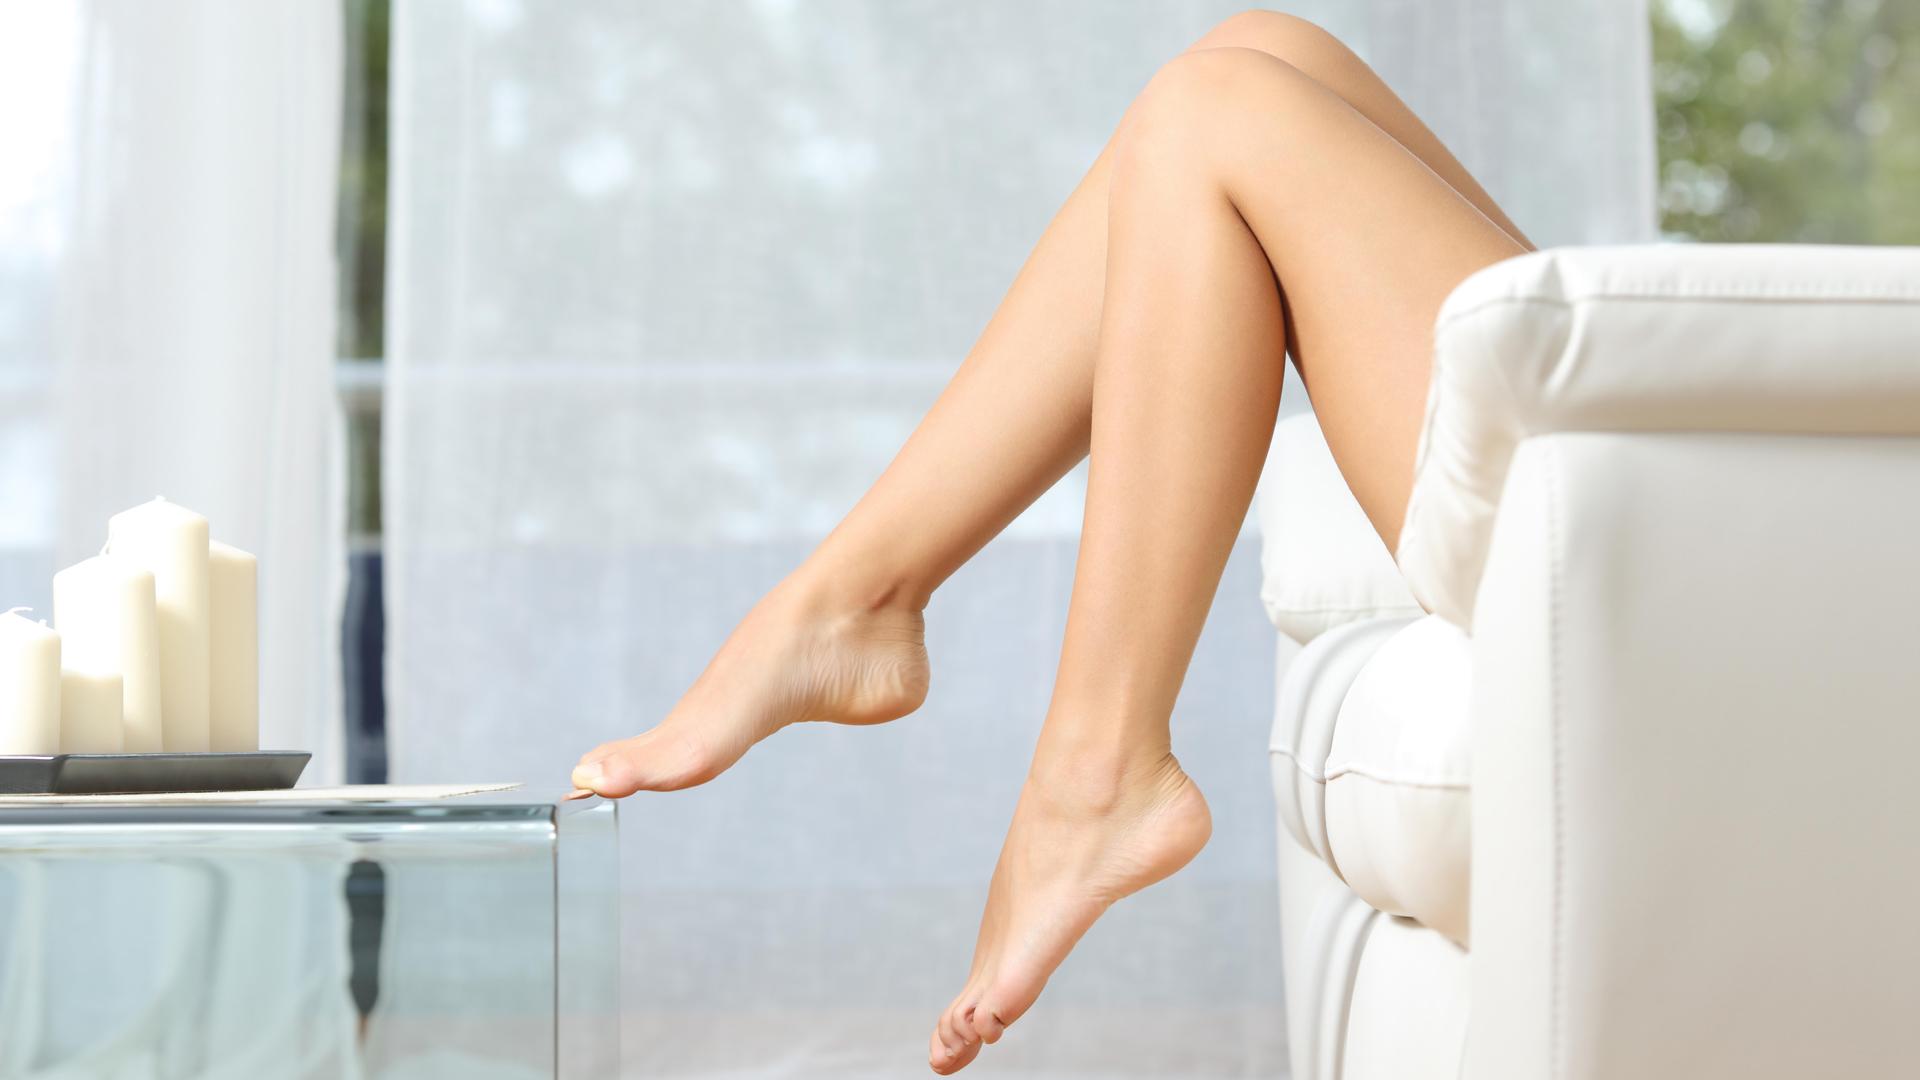 Лазерная эпиляция – быстрое и эффективное удаление волос